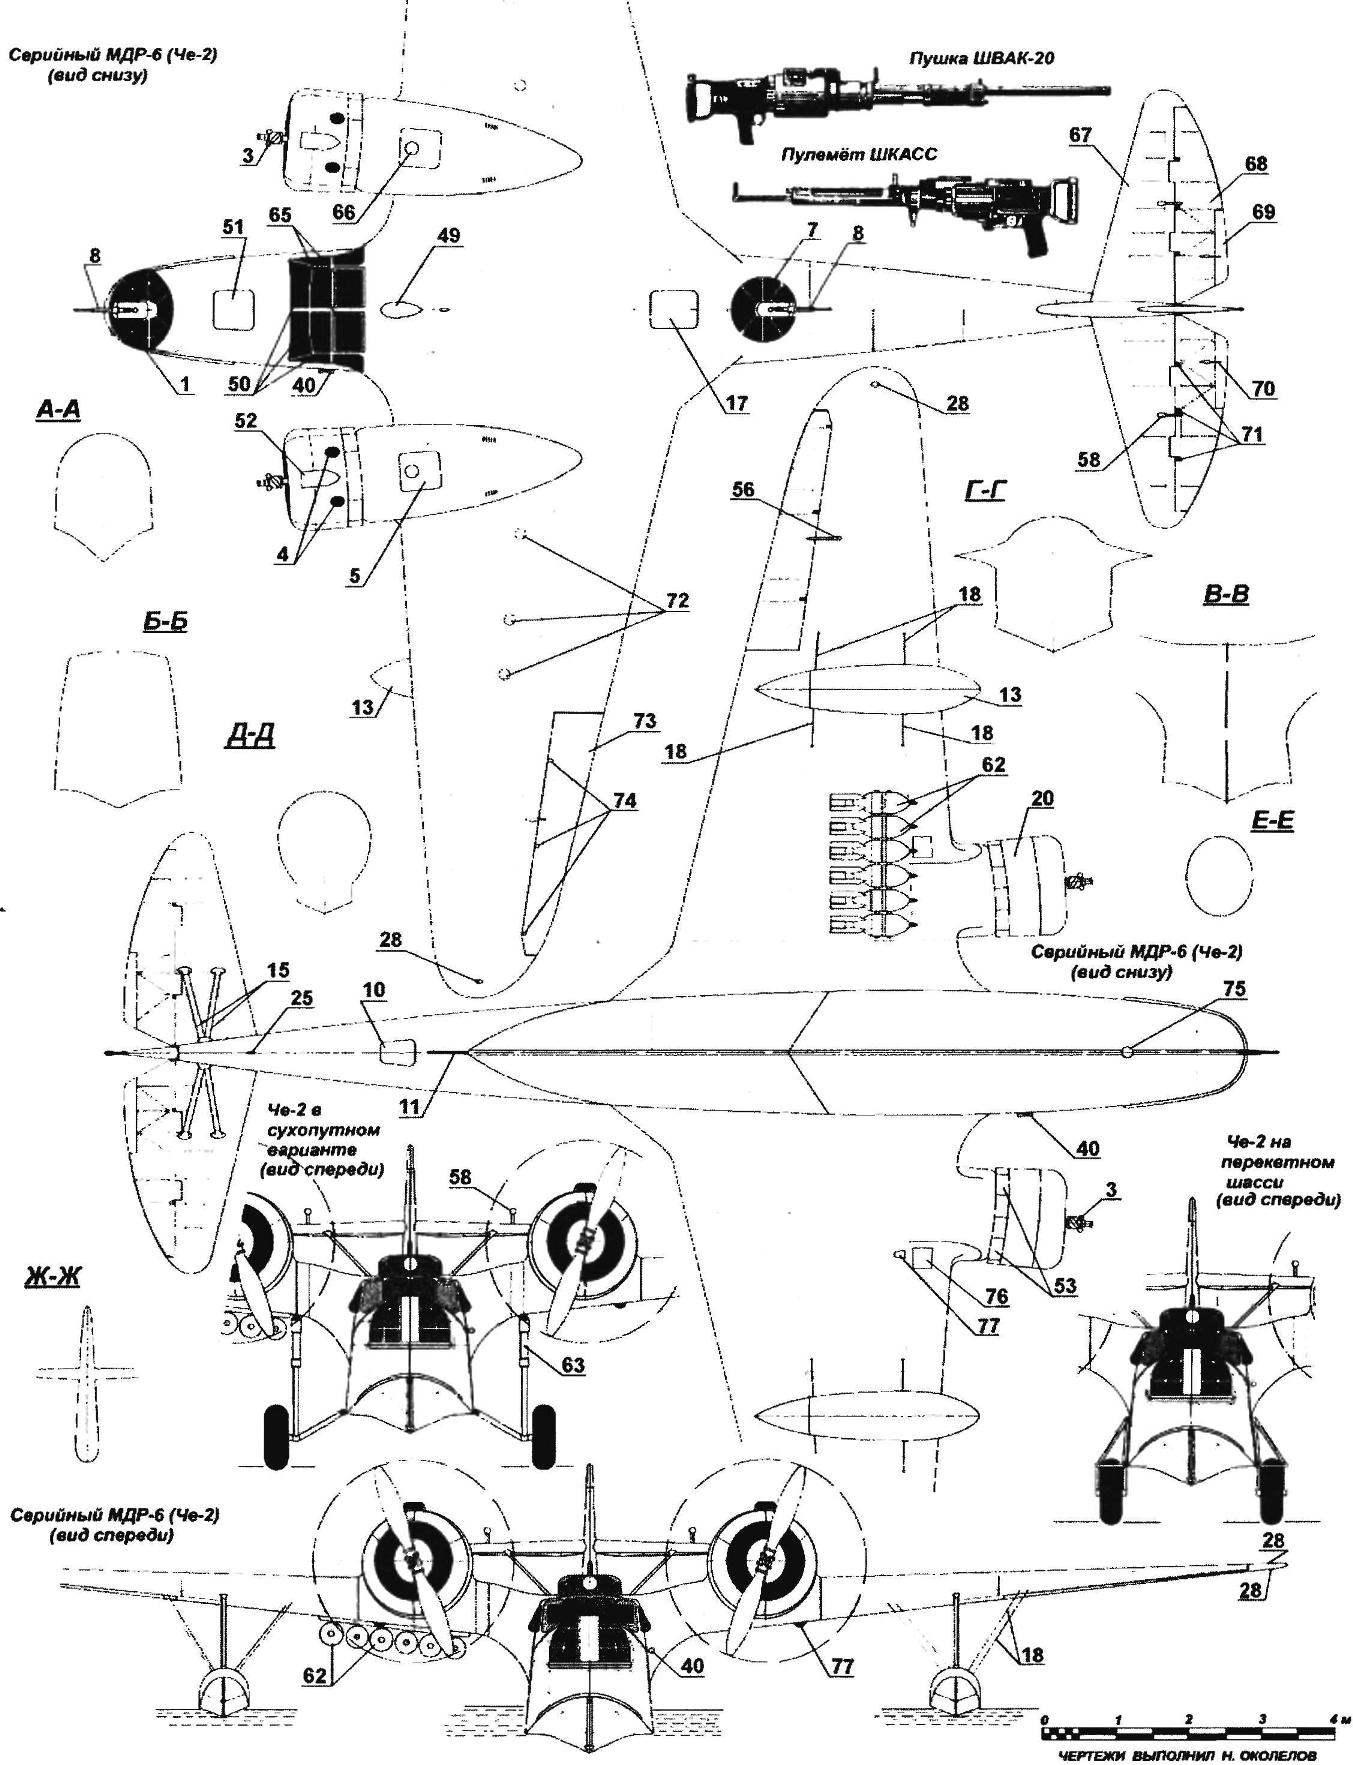 Дальний морской разведчик МДР-6 (Че-2) конструкции И.В.Четверикова